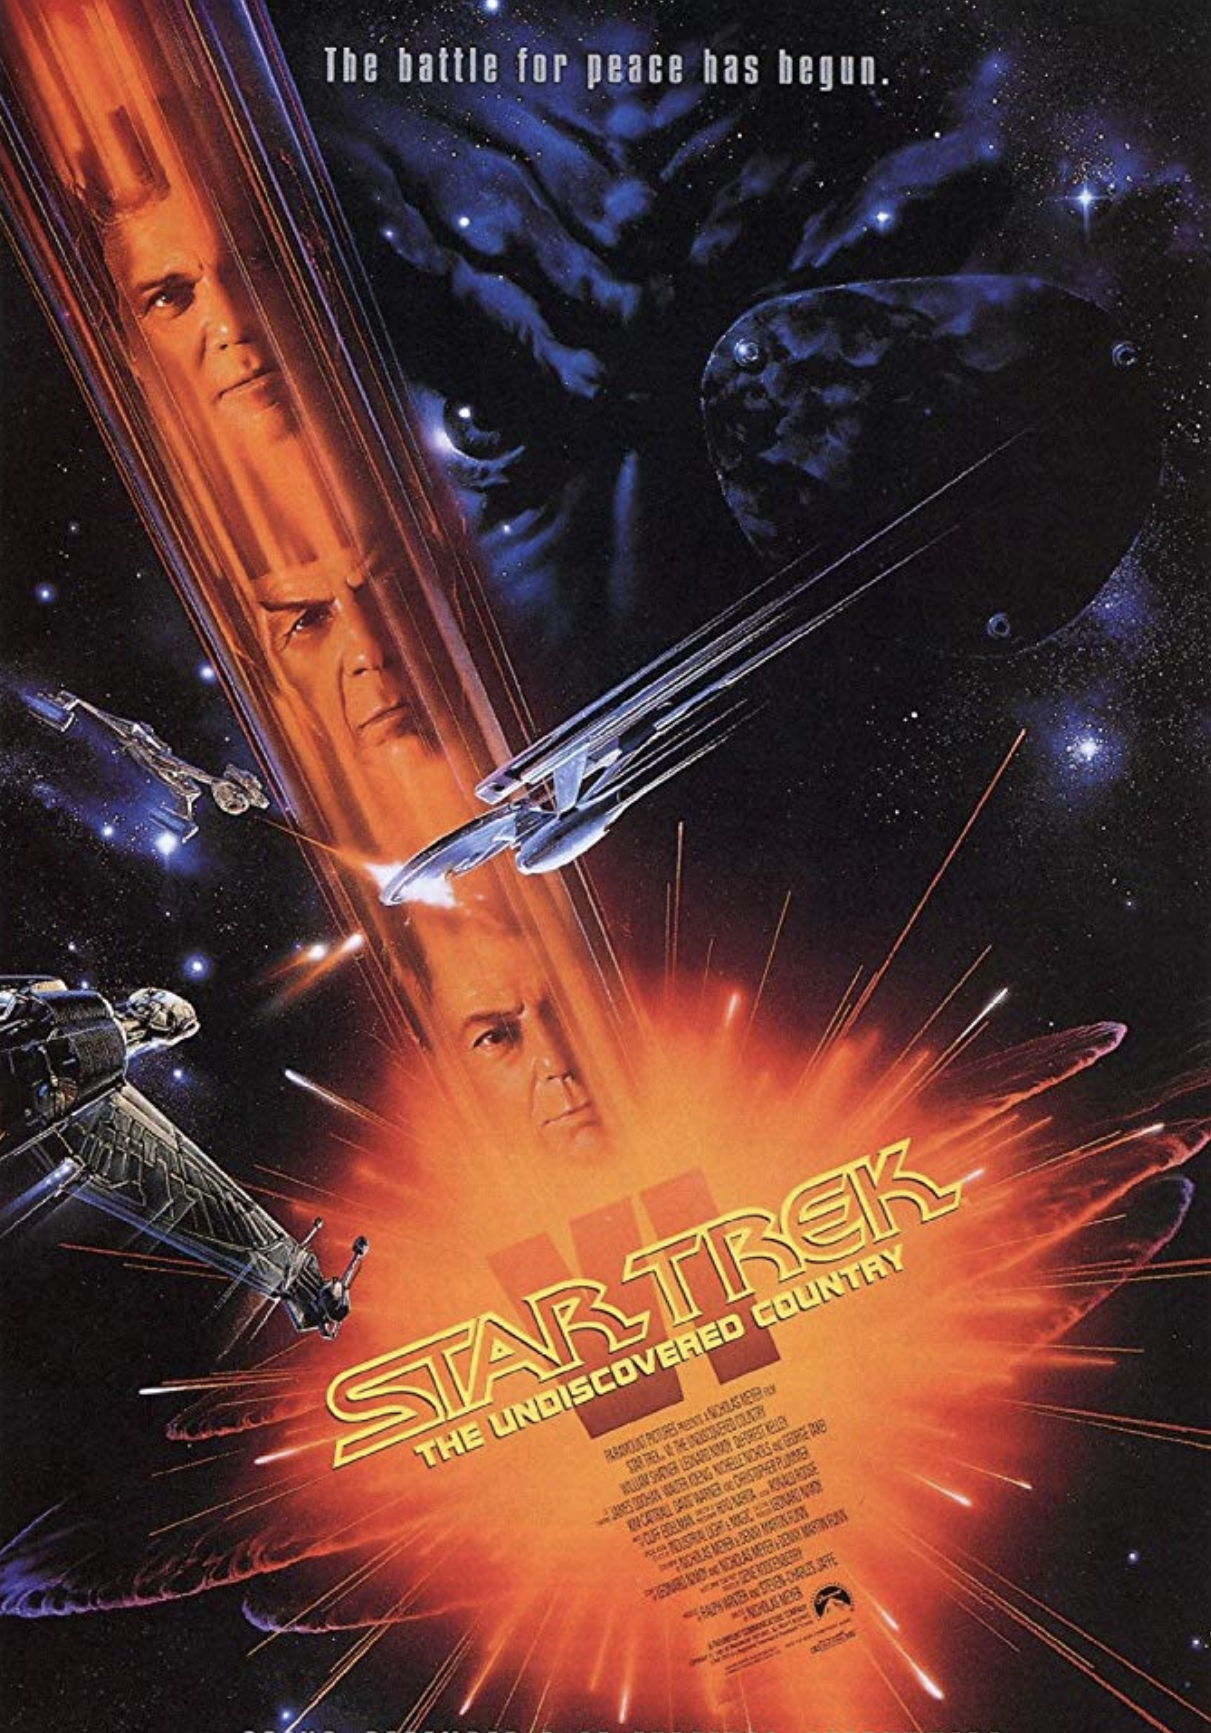 1991 Star Trek Vl The Undiscoverd Countr